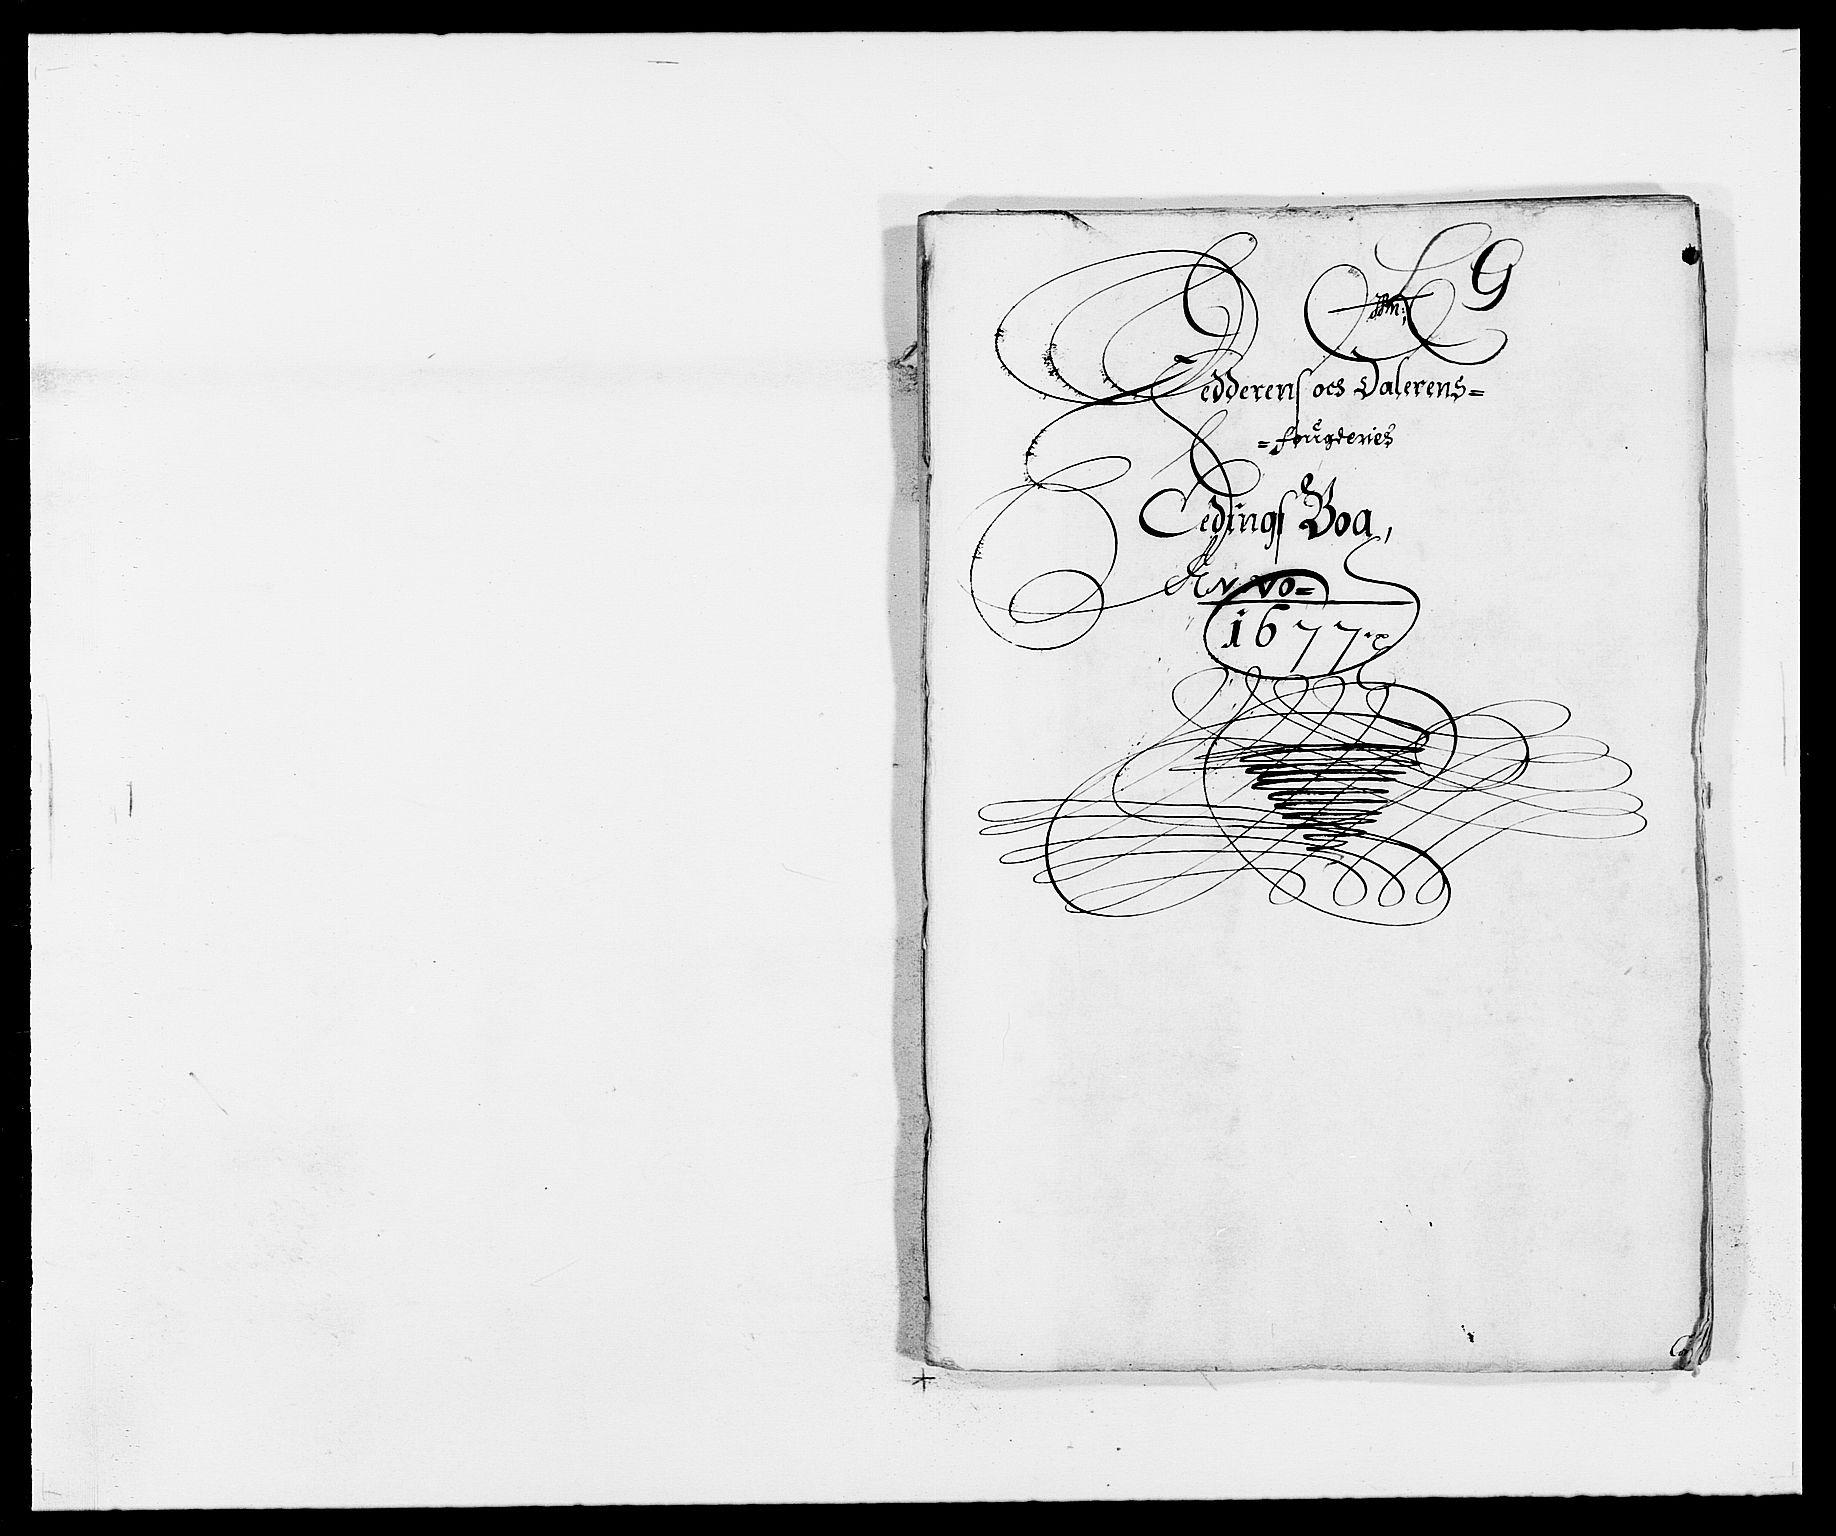 RA, Rentekammeret inntil 1814, Reviderte regnskaper, Fogderegnskap, R46/L2717: Fogderegnskap Jæren og Dalane, 1677, s. 192